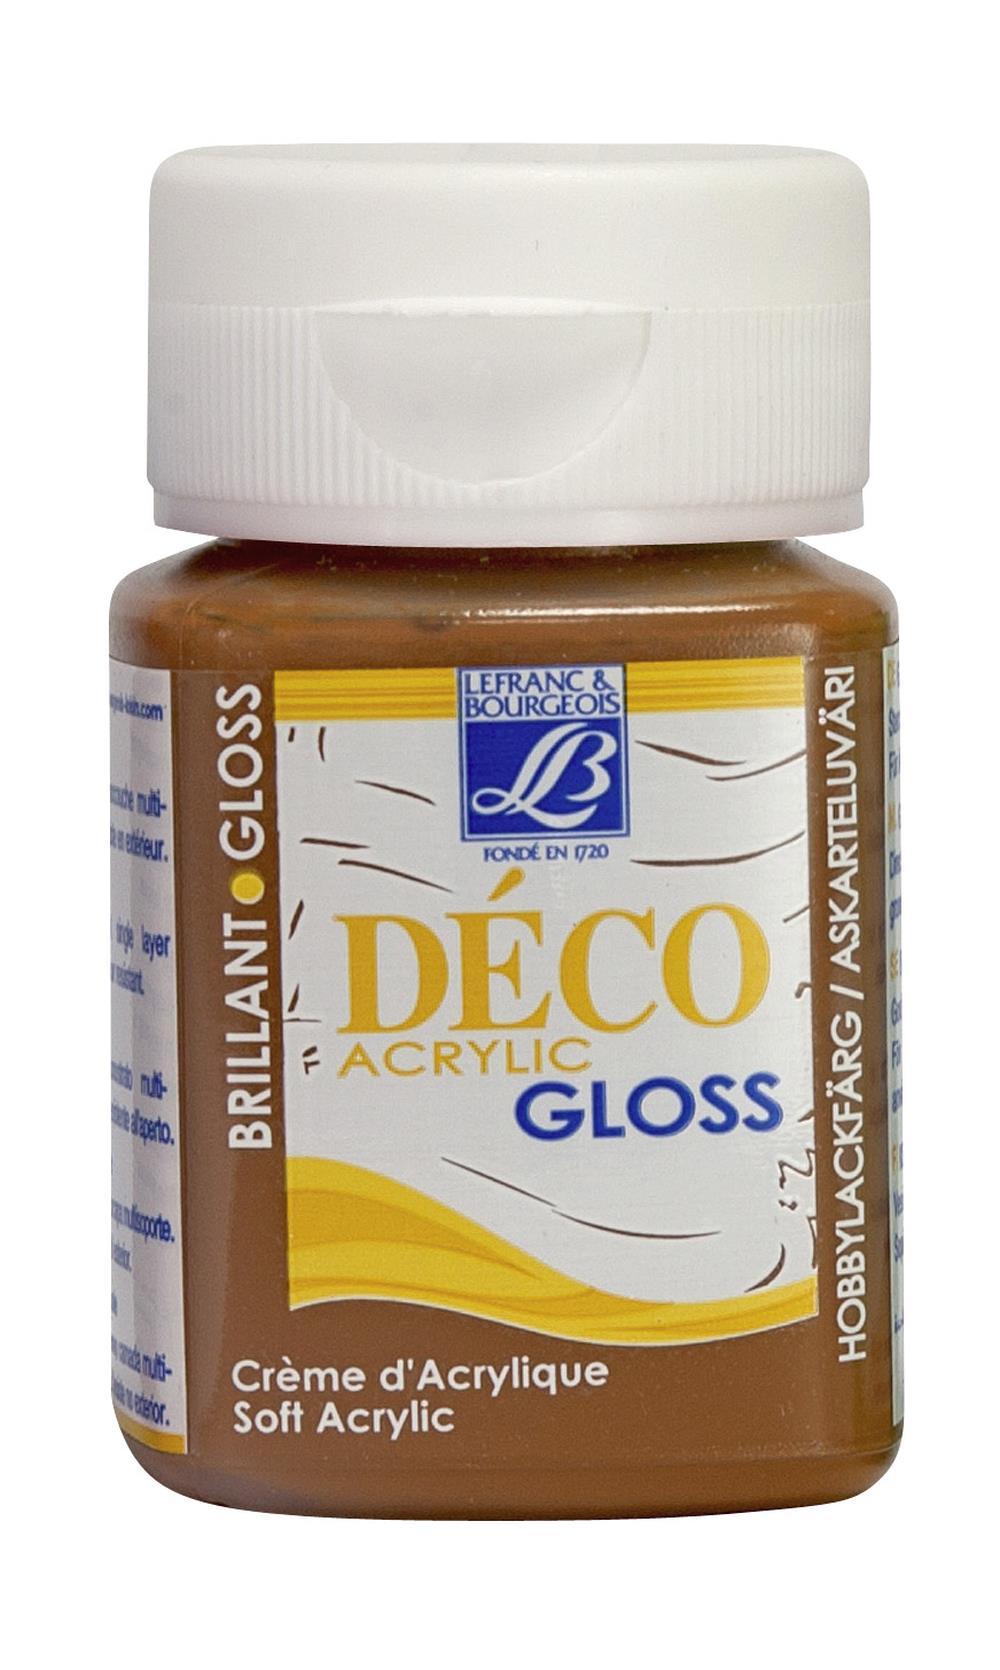 Hobbyfärg L&B Deco Gloss Akryl 50ml  Warm green 490 (4F) utgått